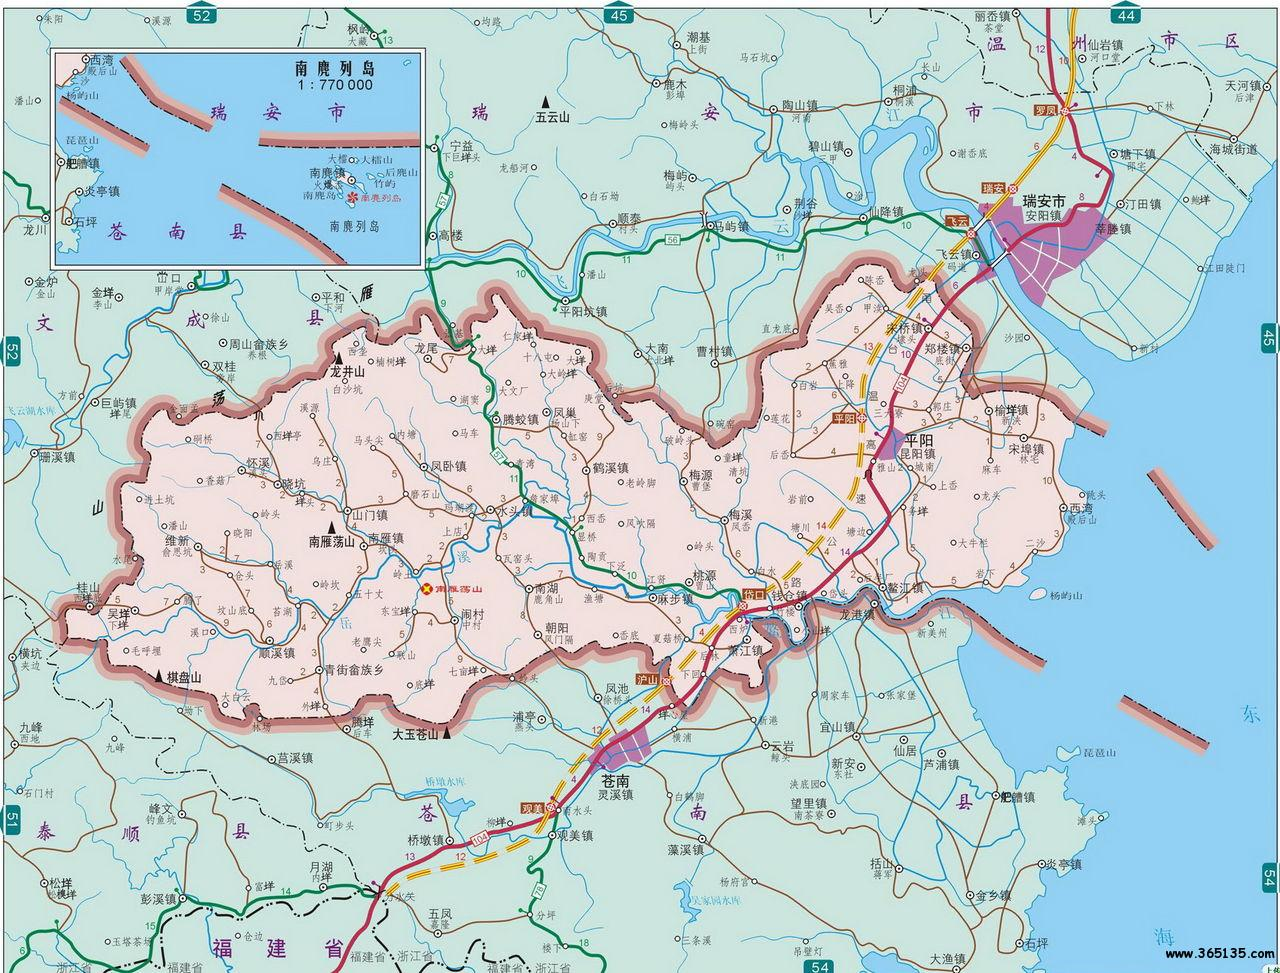 天台 山 地图 浙江 天台 山 旅游 地图 四川 天台 山